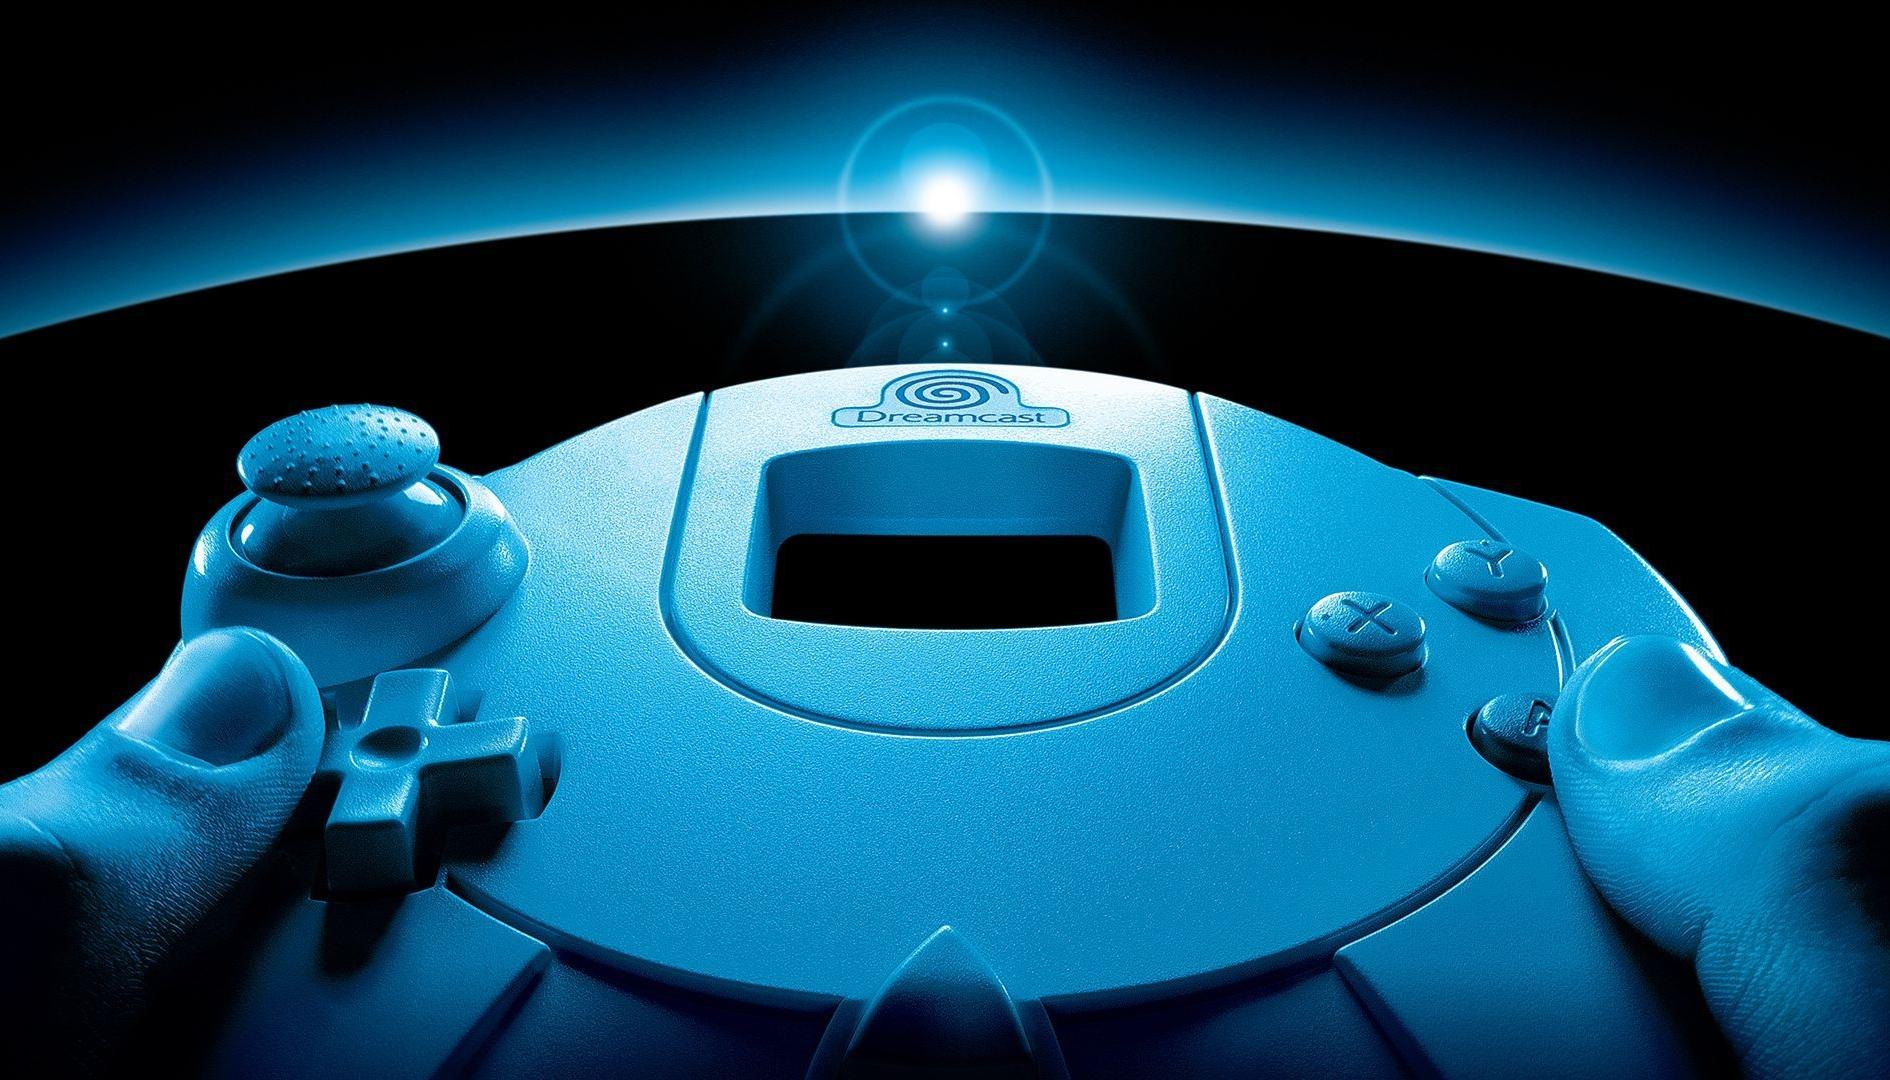 Dreamcast moddato diventa un vero e proprio mini PC da gaming